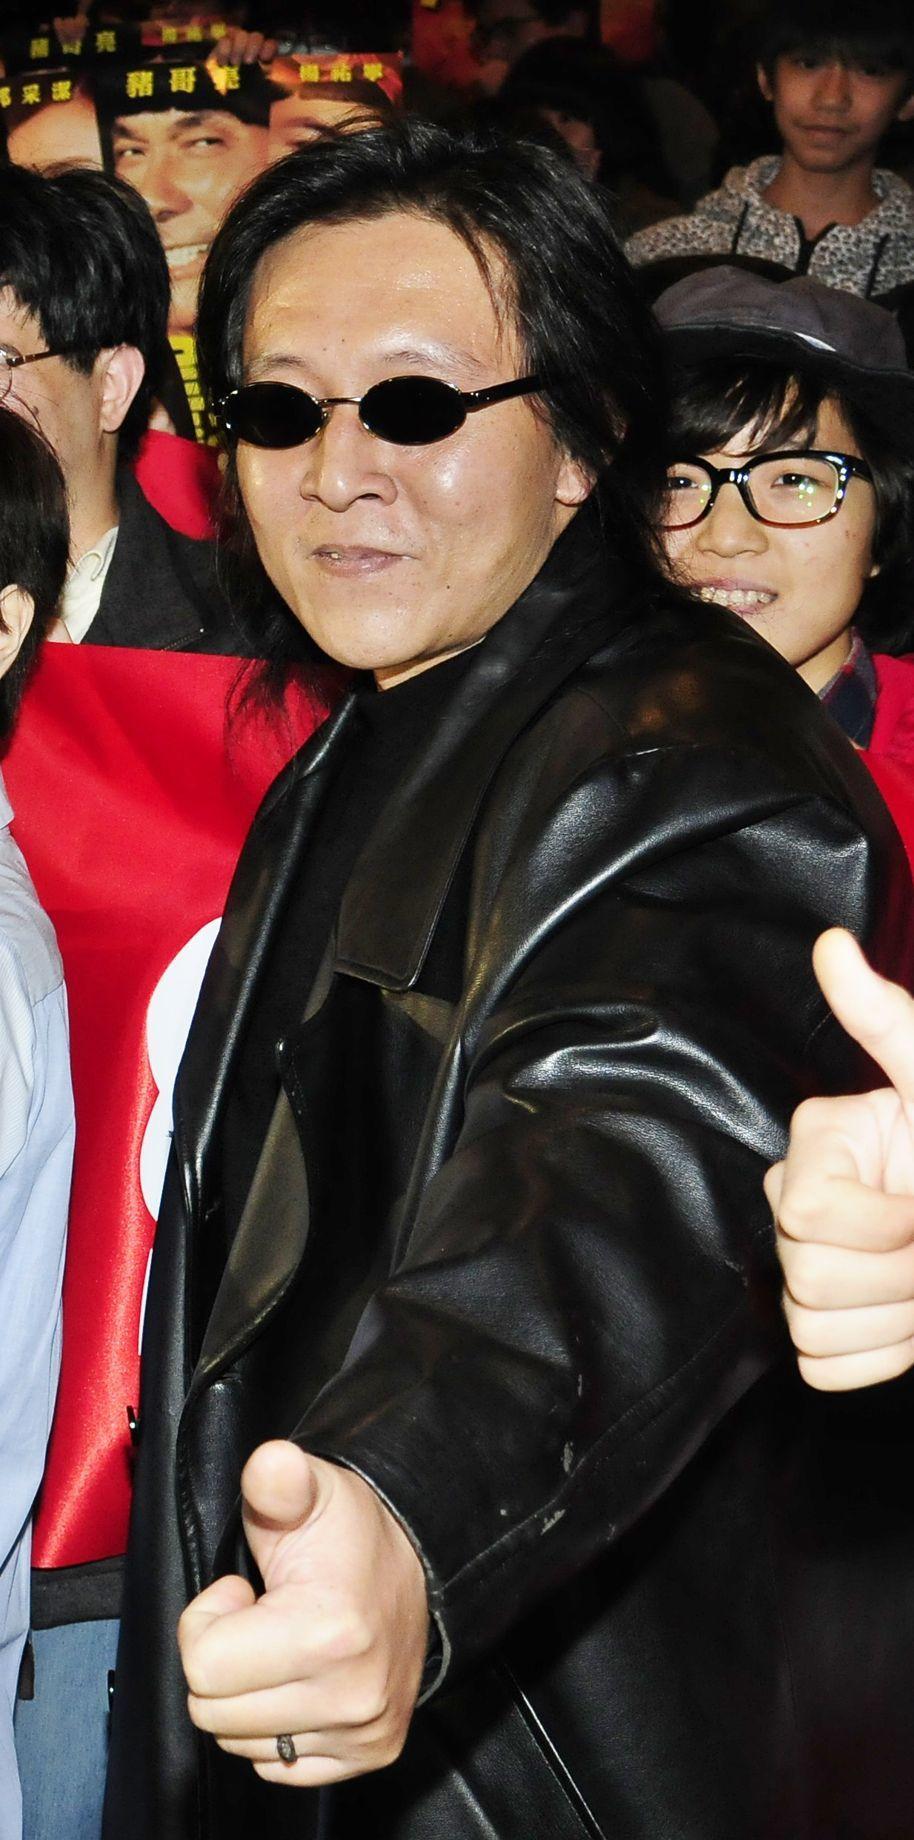 資深藝人陳光前涉公然侮辱罪被判拘役50日,得易科罰。圖/報系資料照